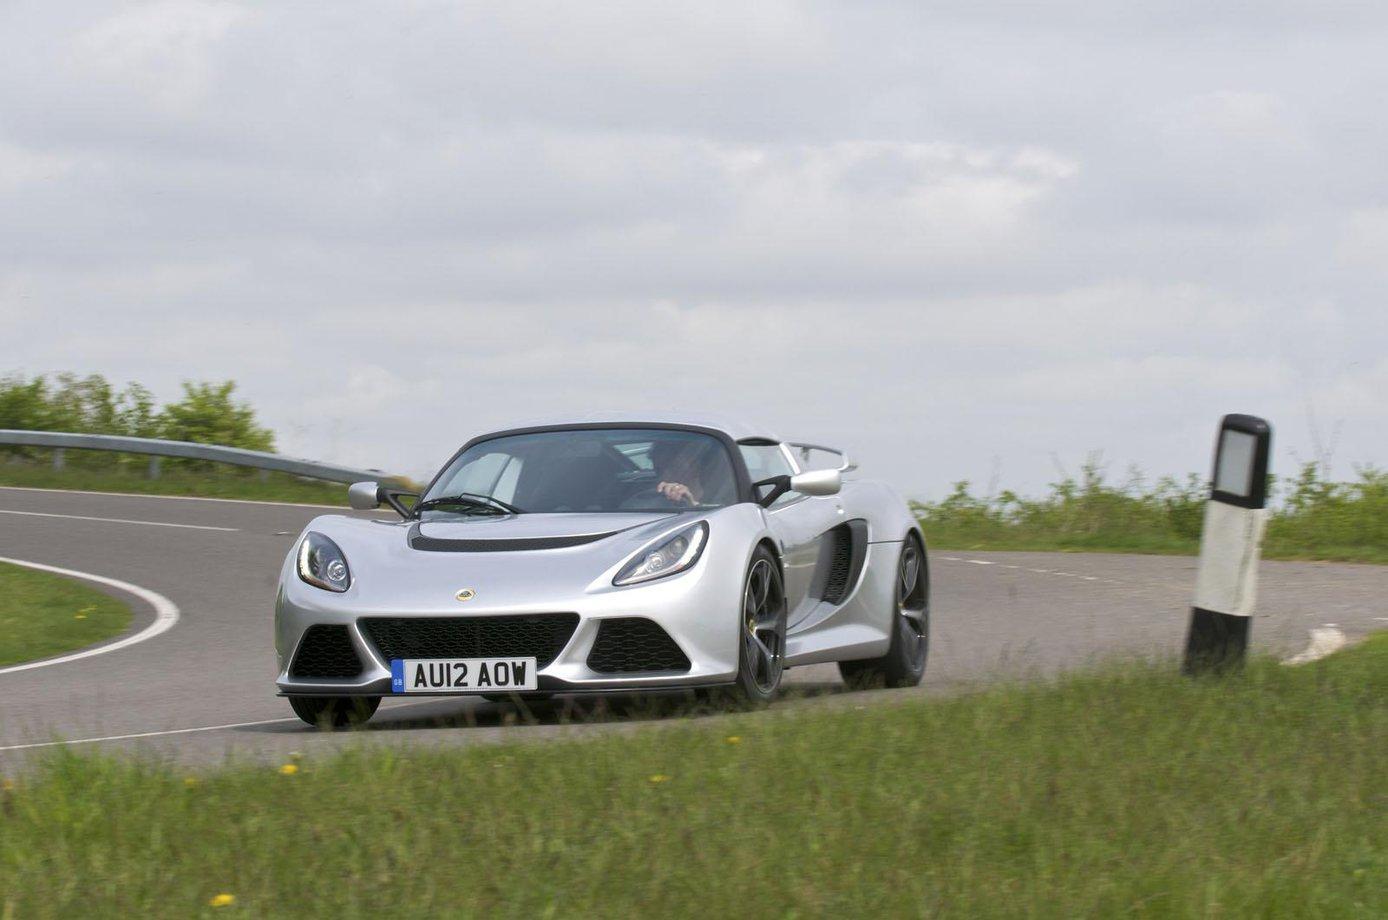 Lotus Exige S Automatic